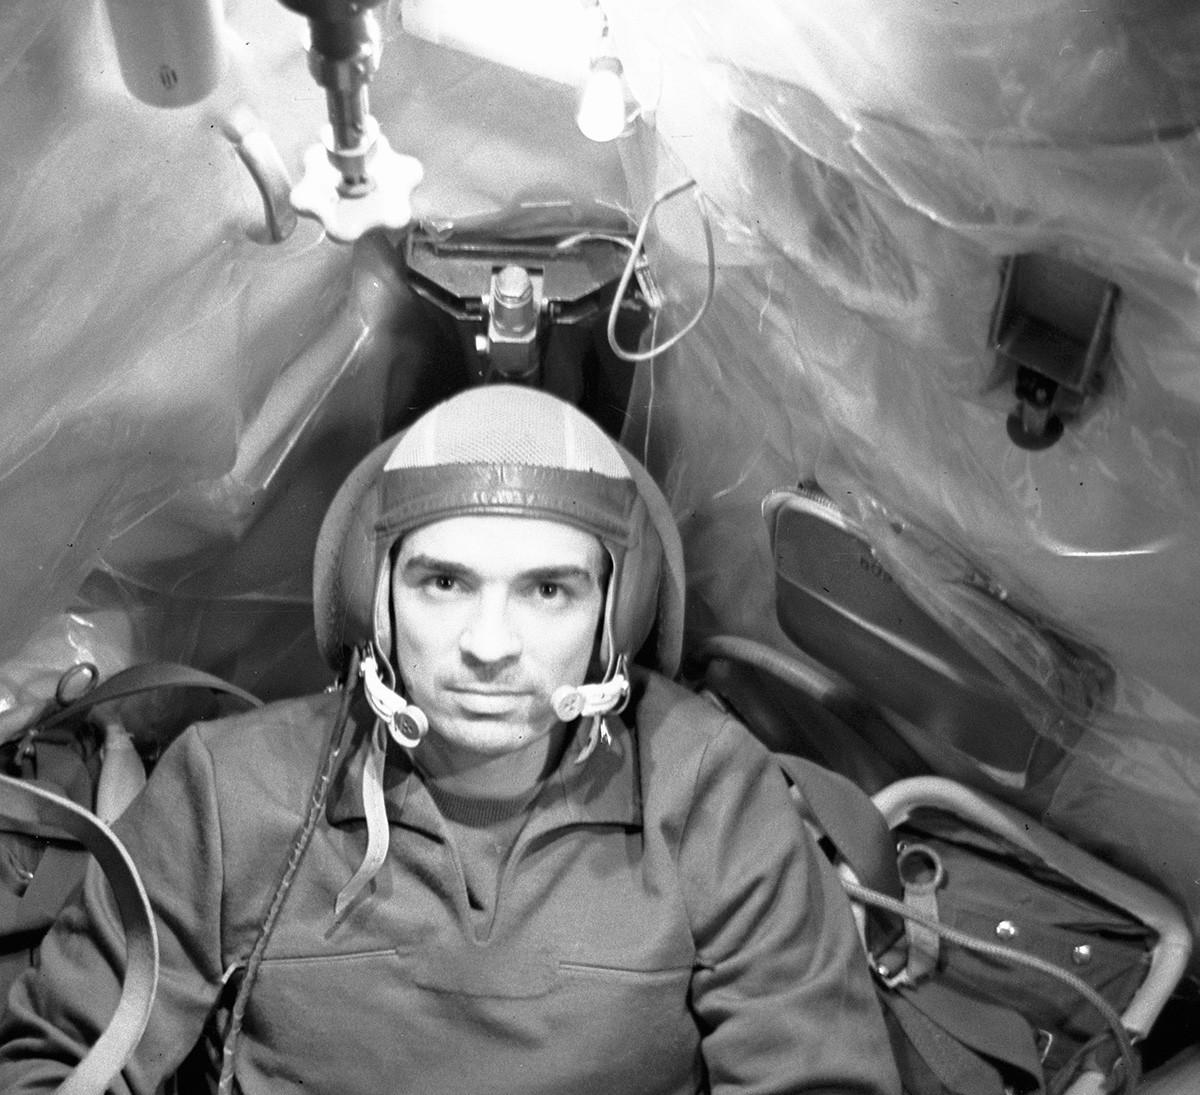 Командир космического корабля «Союз-23» Вячеслав Зудов во время тренировки в корабле-тренажере